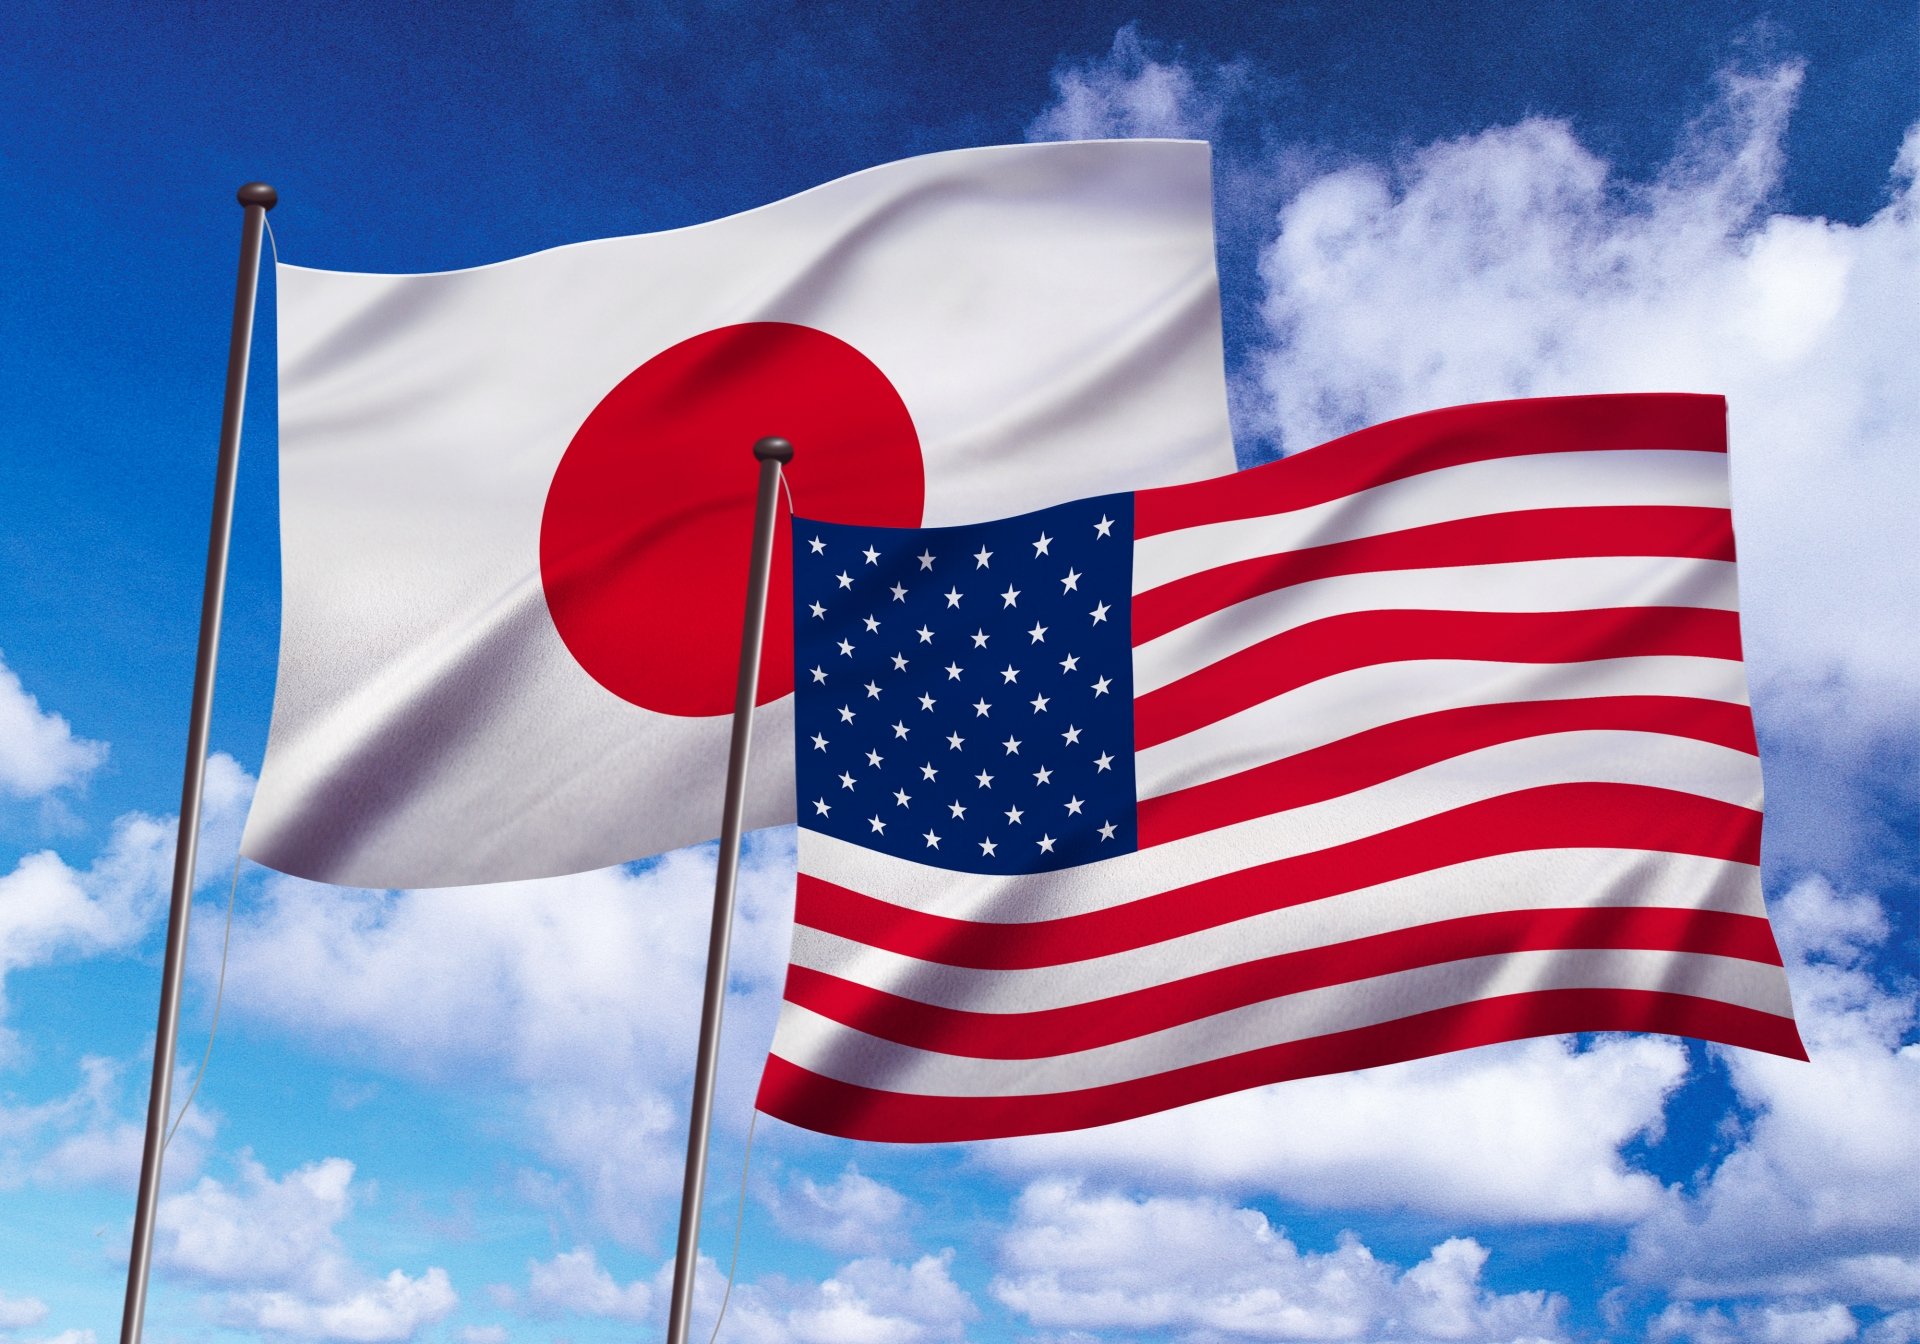 日本株(TOPIX)は米国株(S&P500)に比べてオワコンなのか?